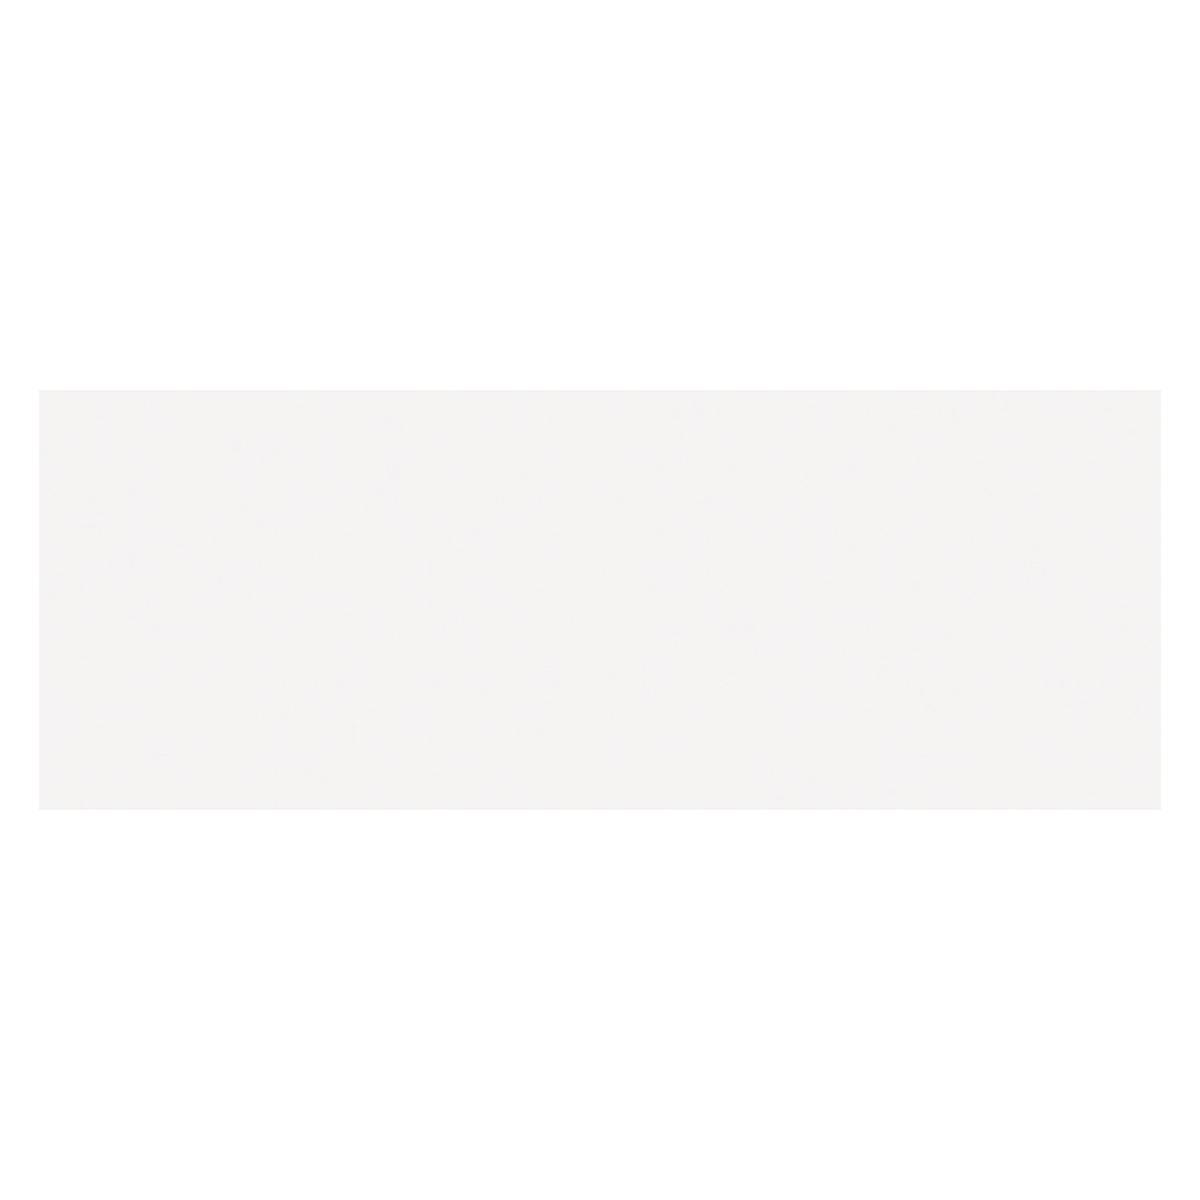 Mayólica Diamante Blanco Mate - 45X120 cm - 1.62 m2